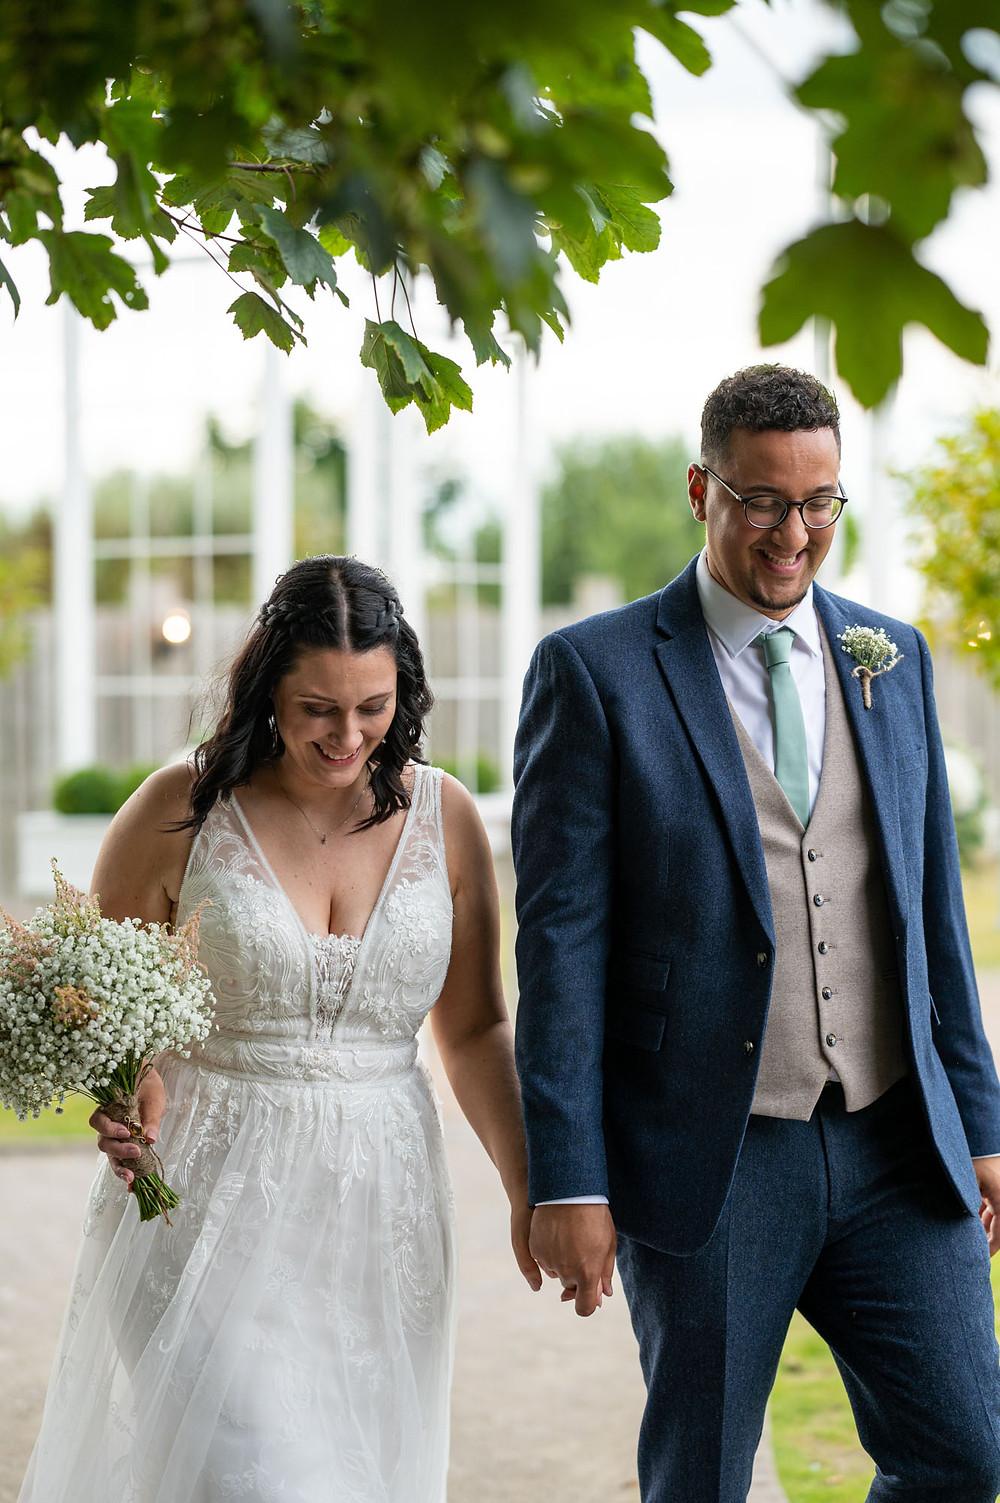 Epps Photography, Alcumlow Wedding Barn